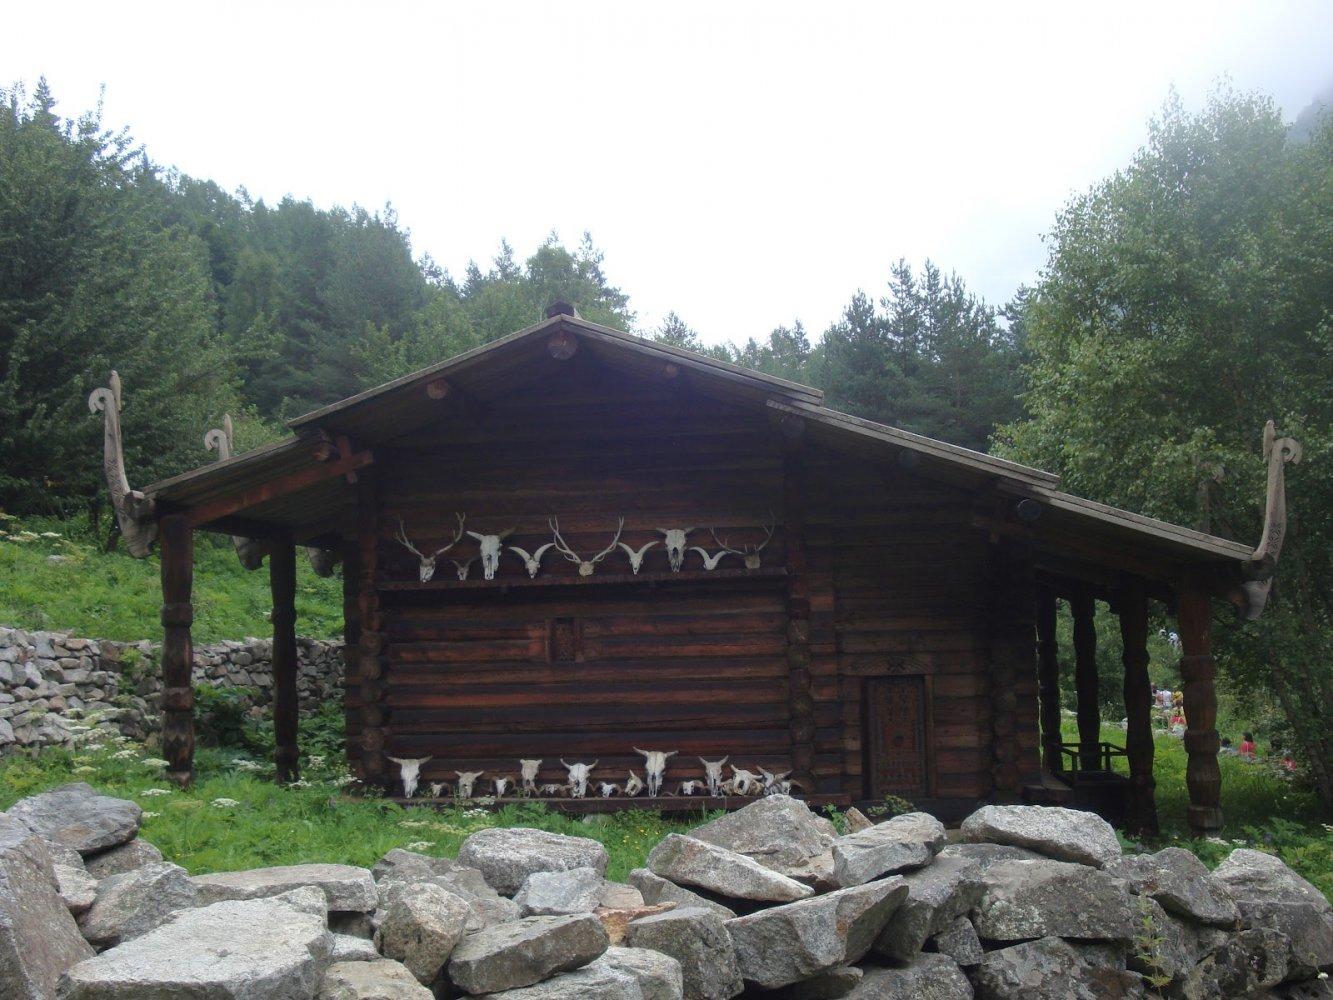 Фото Святилище Реком. Россия, Северная Осетия-Алания Републиц, Р297